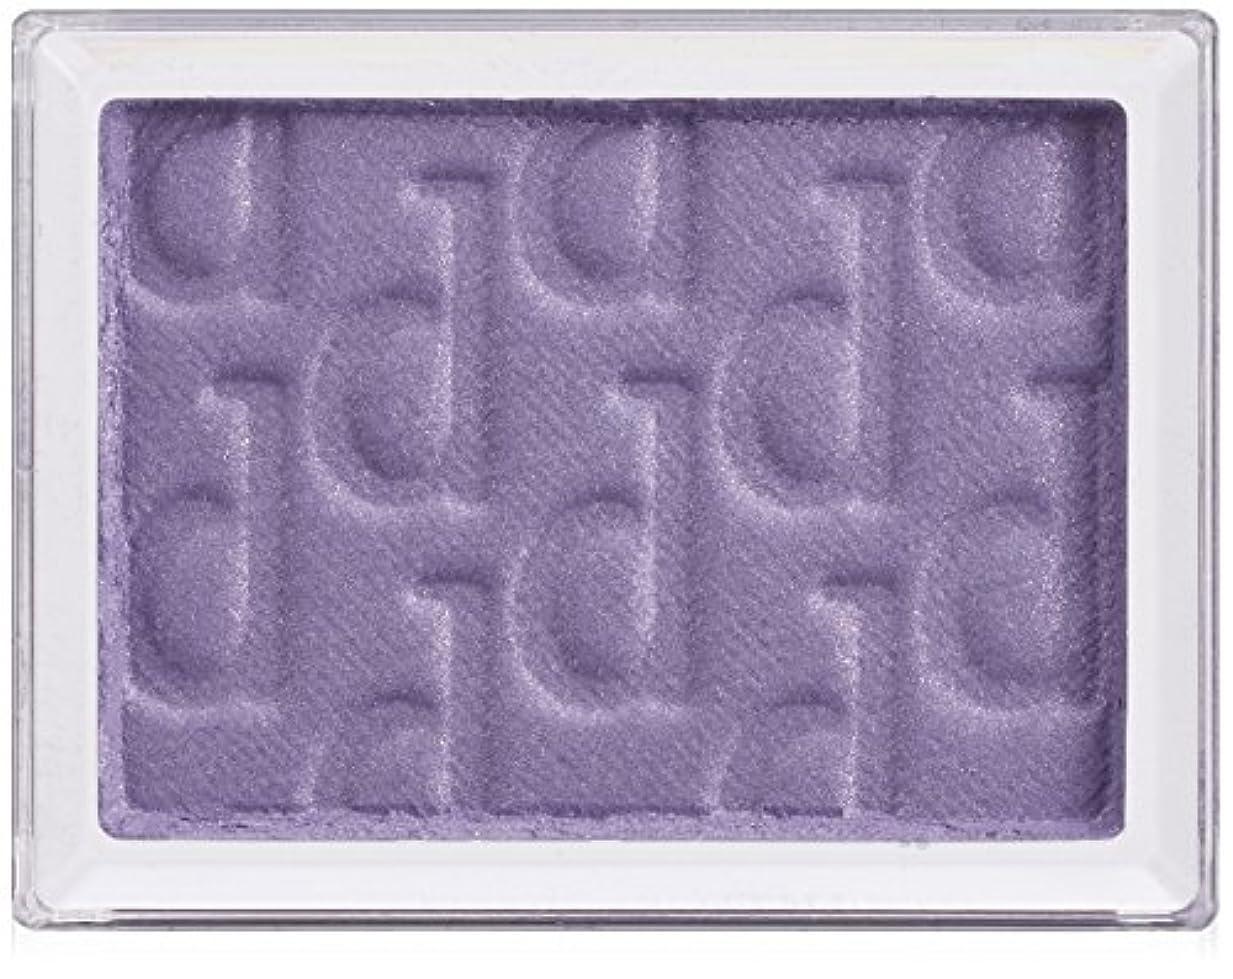 洗剤ファッション教育d プログラム アイトリートメントカラー VI755 アイシャドウ (レフィル) 1.5g